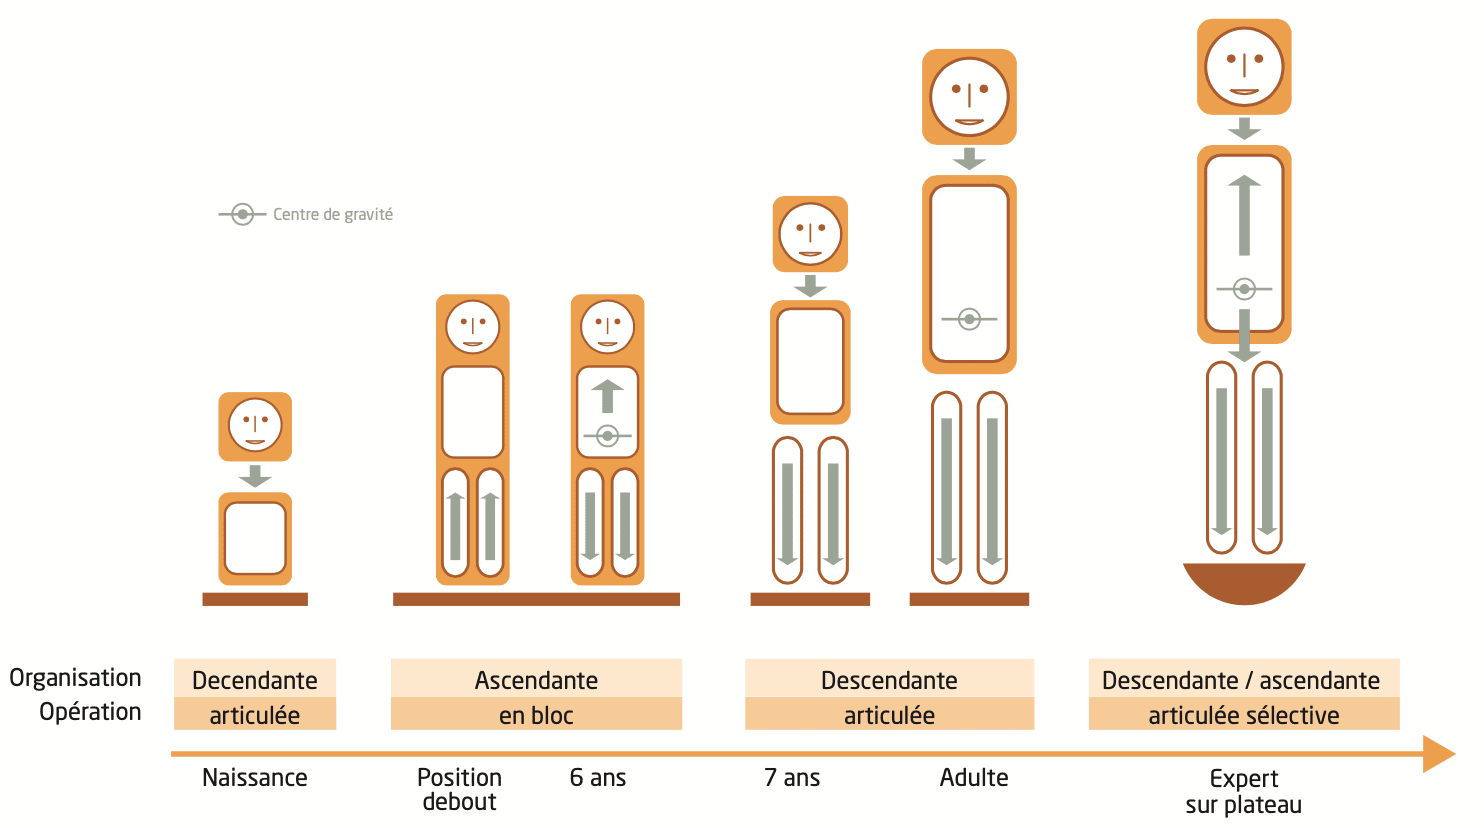 Evolution posturale par classe d'âges